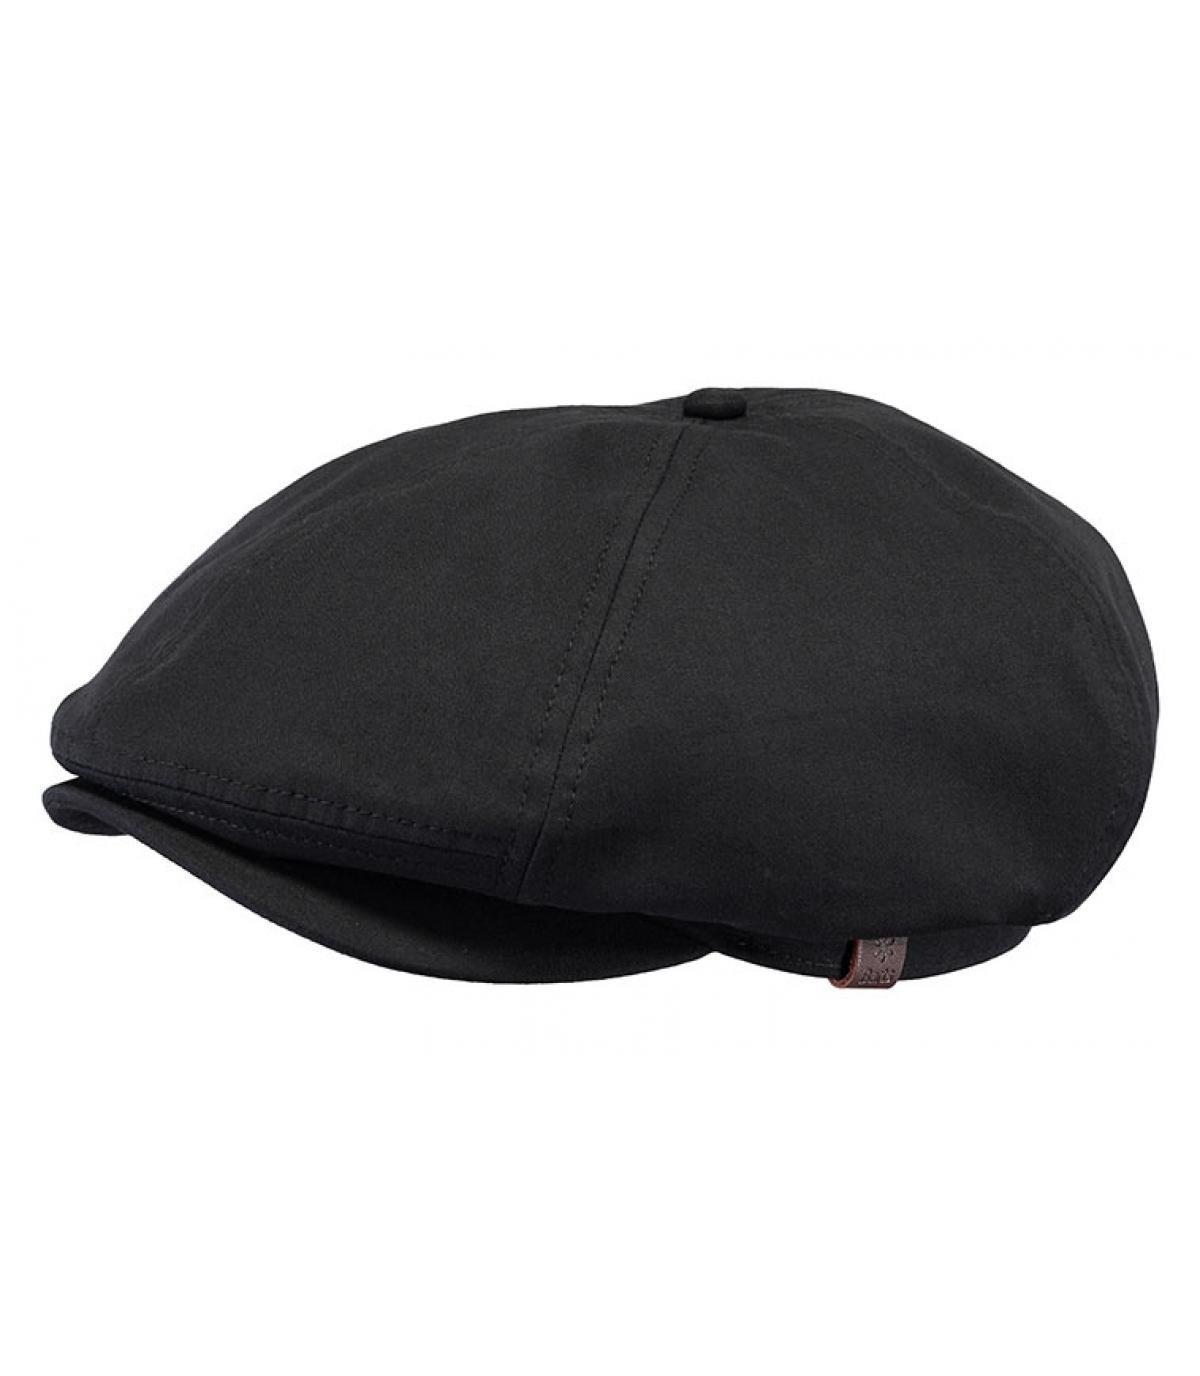 Gorro - Compra venta de Gorros. Primera sombrerería en línea. Entrega en  48 72horas. ac03ddb861b